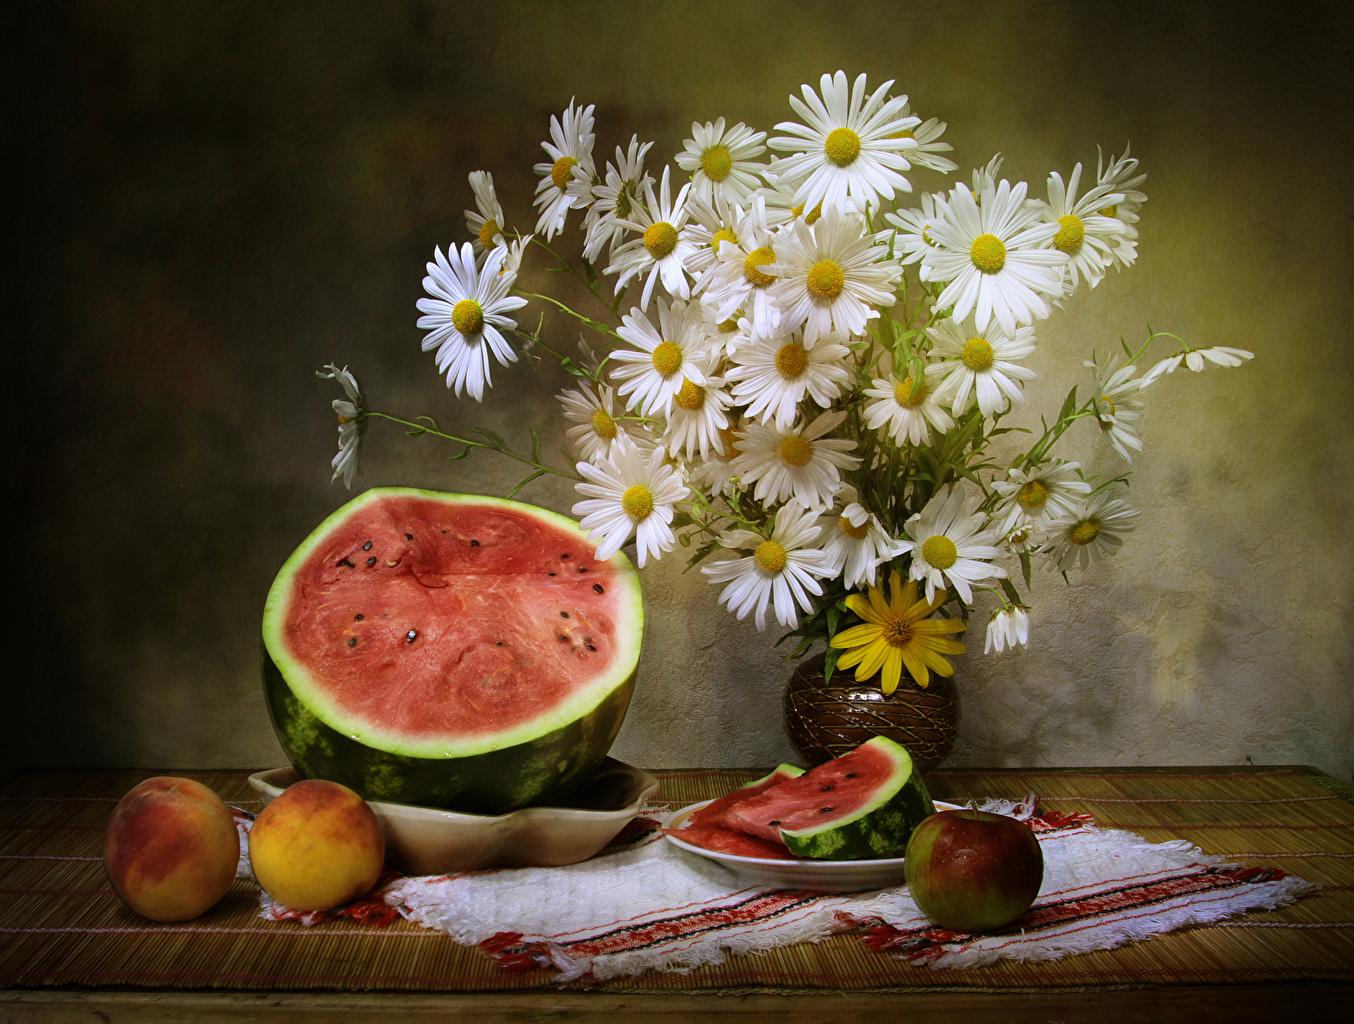 Обои Букеты Цветы Арбузы Яблоки Персики Ромашки Продукты питания Натюрморт Еда Пища